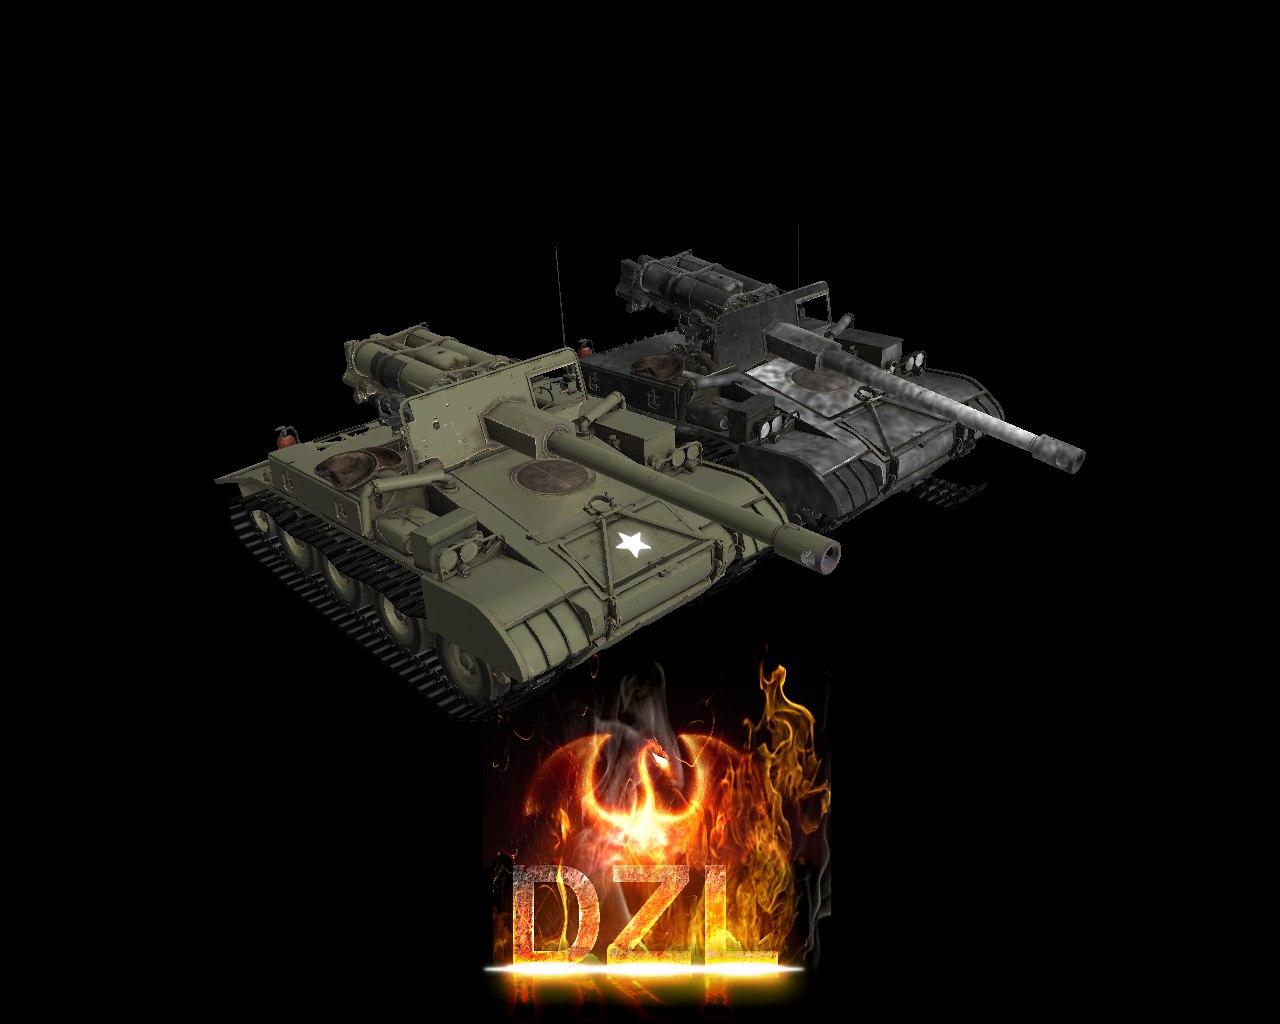 Скачать M56_Scorpion (HD) - автор DZL — бесплатно